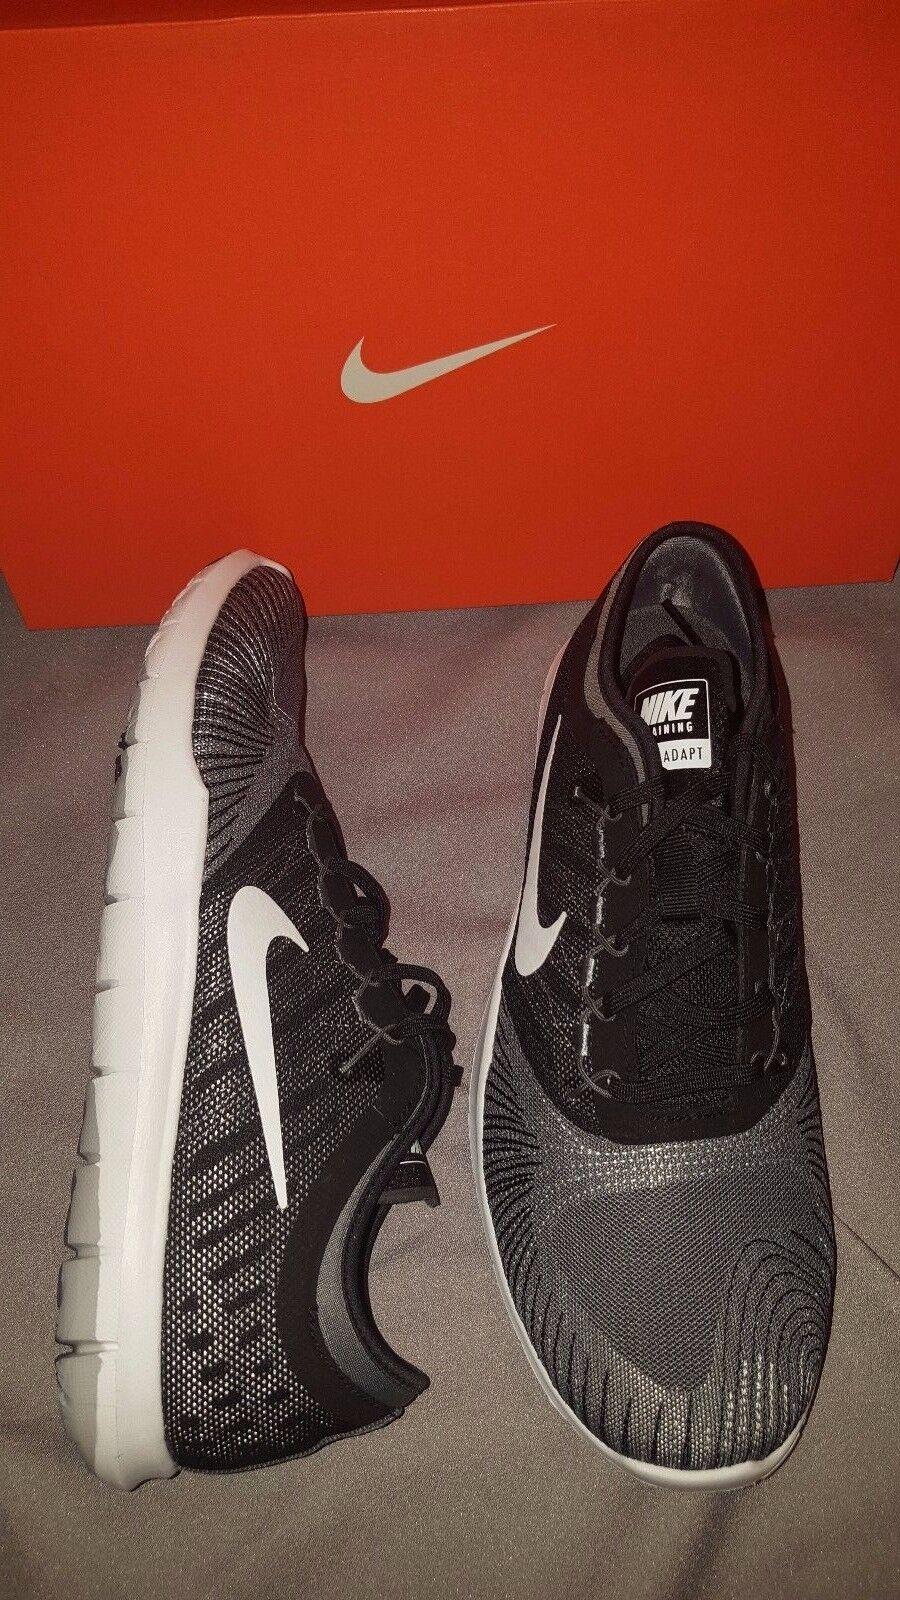 Nuova rivoluzione 4 donne scarpe scarpe scarpe da ginnastica nike grigio scuro dimensioni... 5cb747